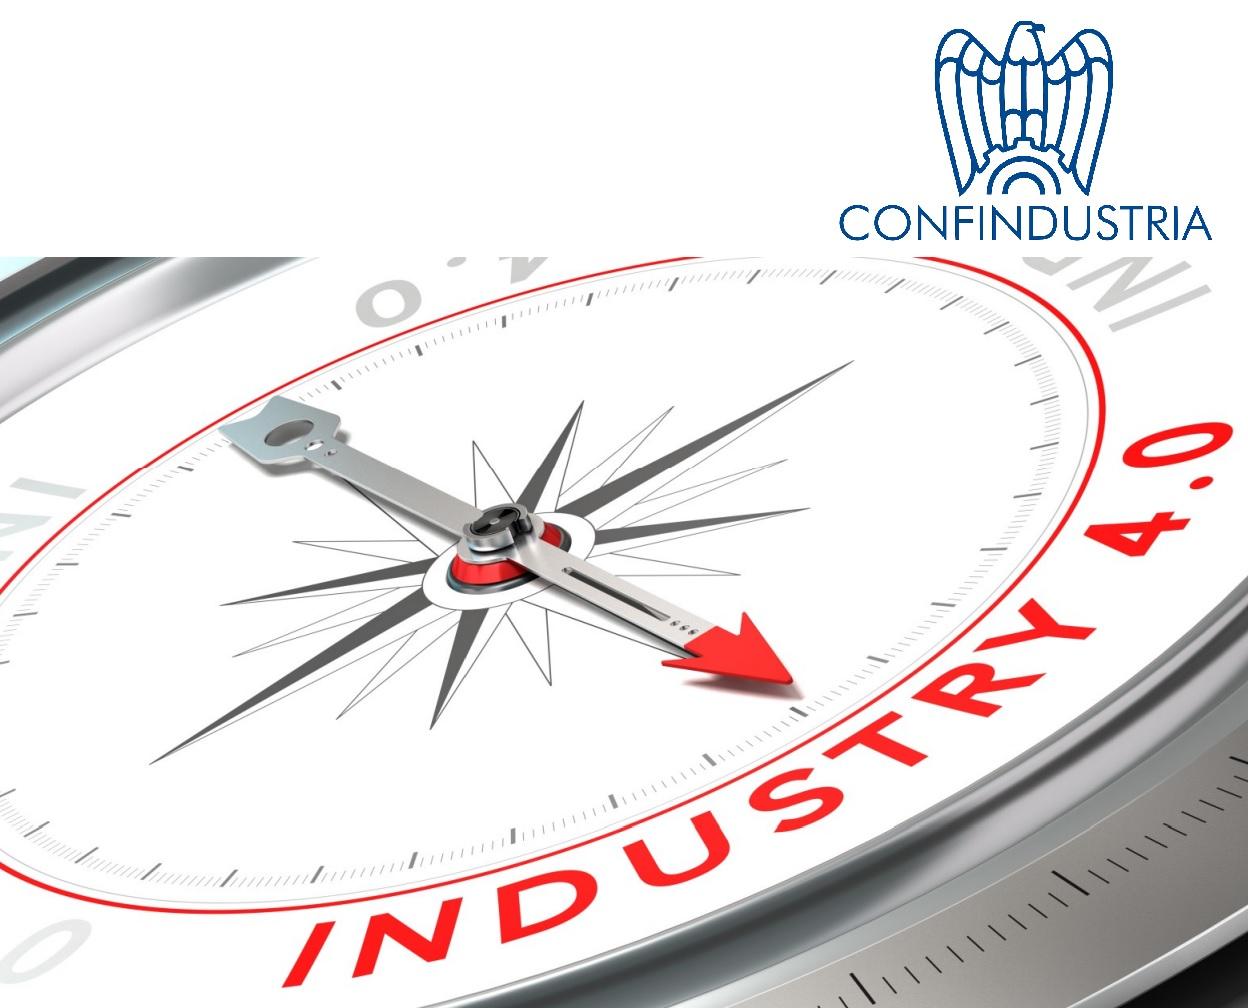 Confindustria Avellino Industria 4.0 22.03.18